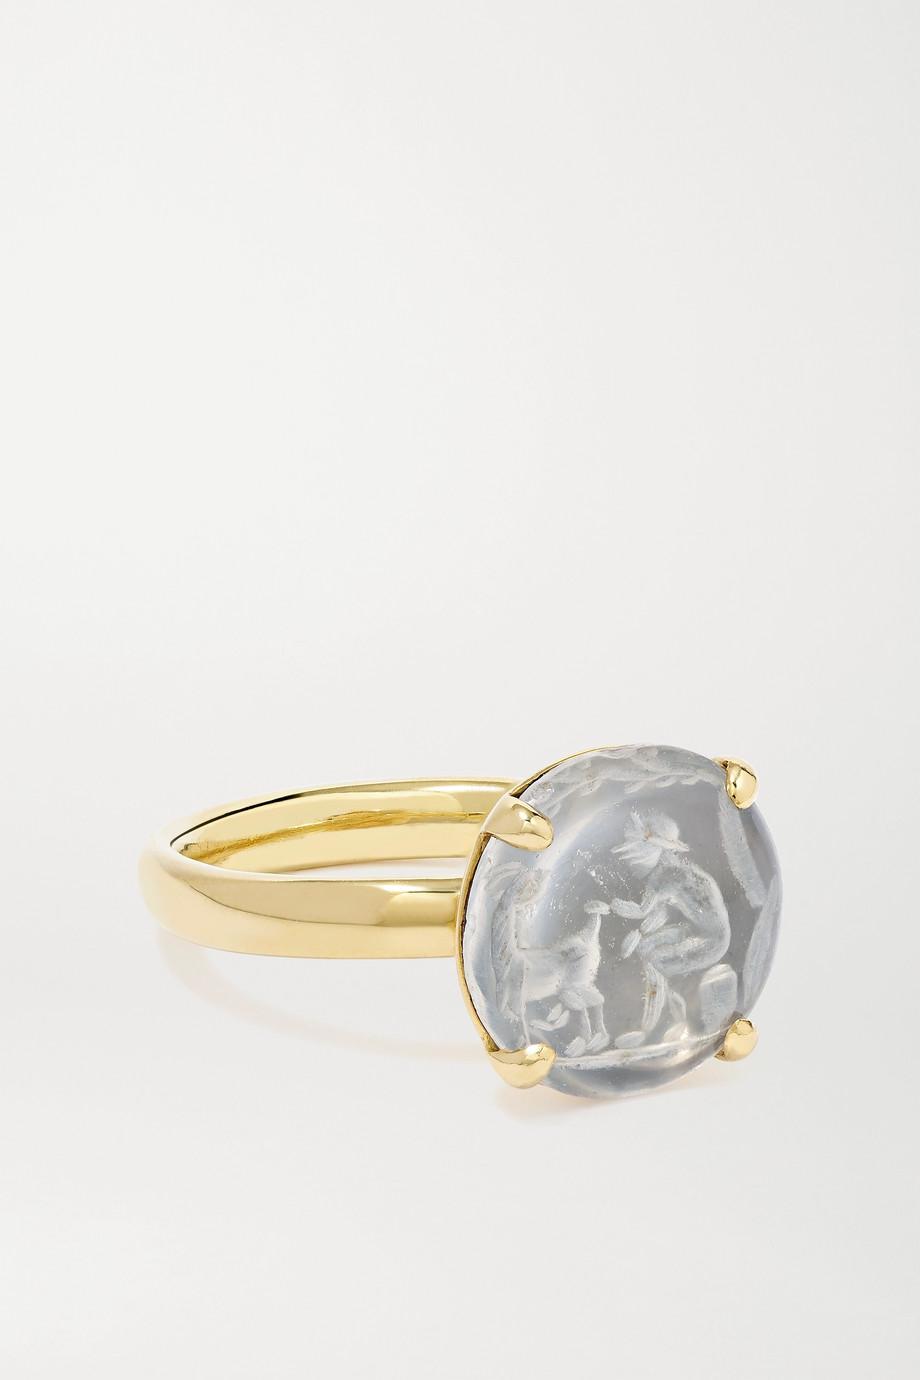 Dubini Bague en or 18 carats, plaqué rhodium et cristal de roche